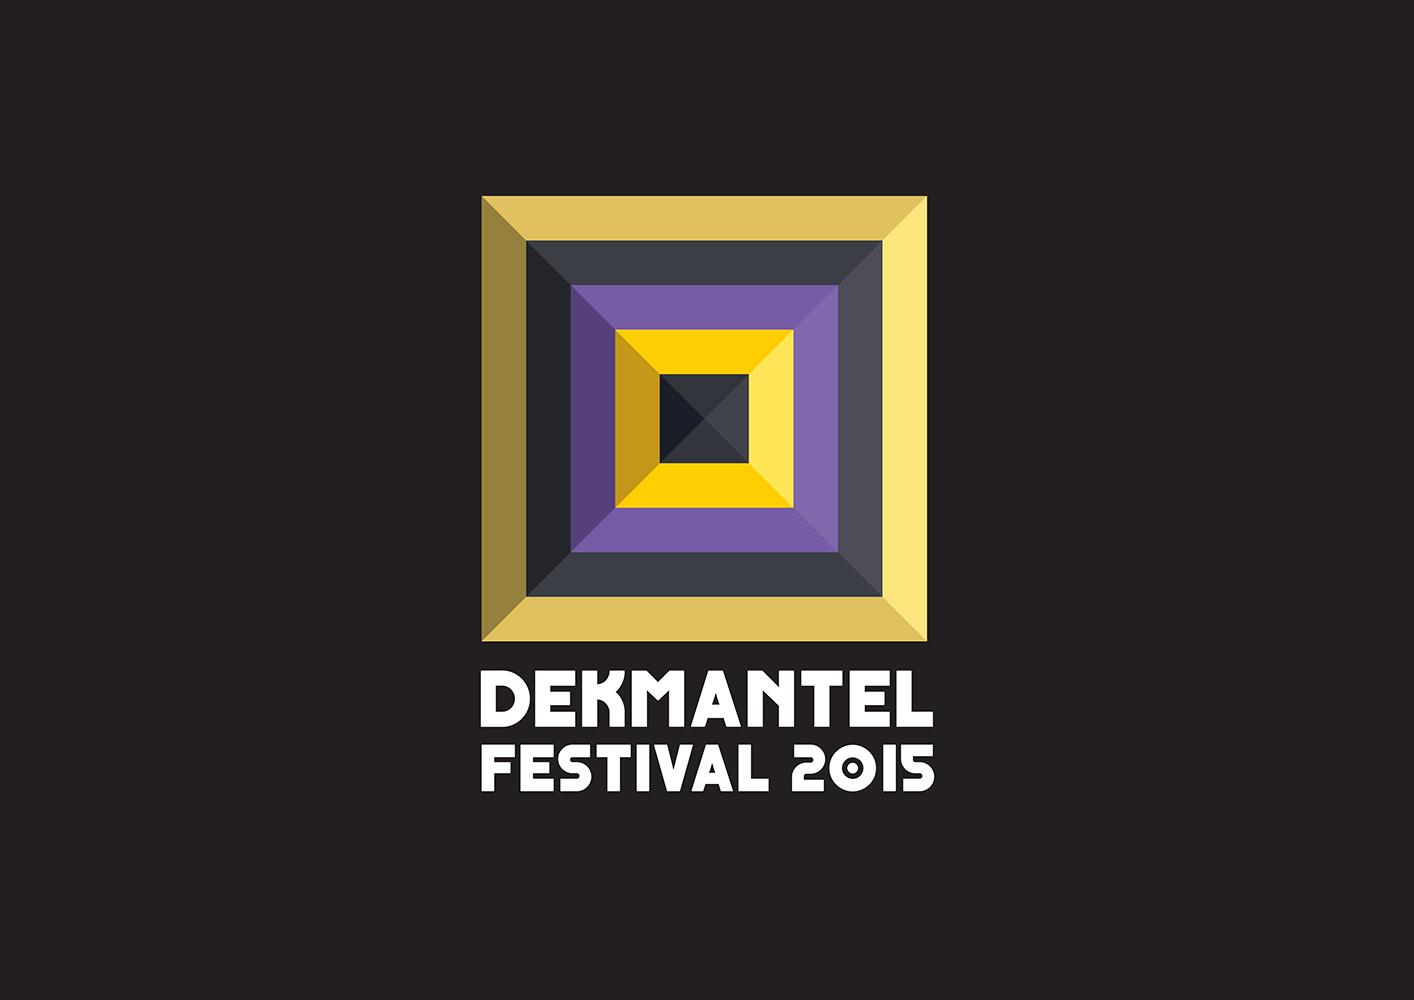 Dekmantel Festival 2015 - Colours - 009